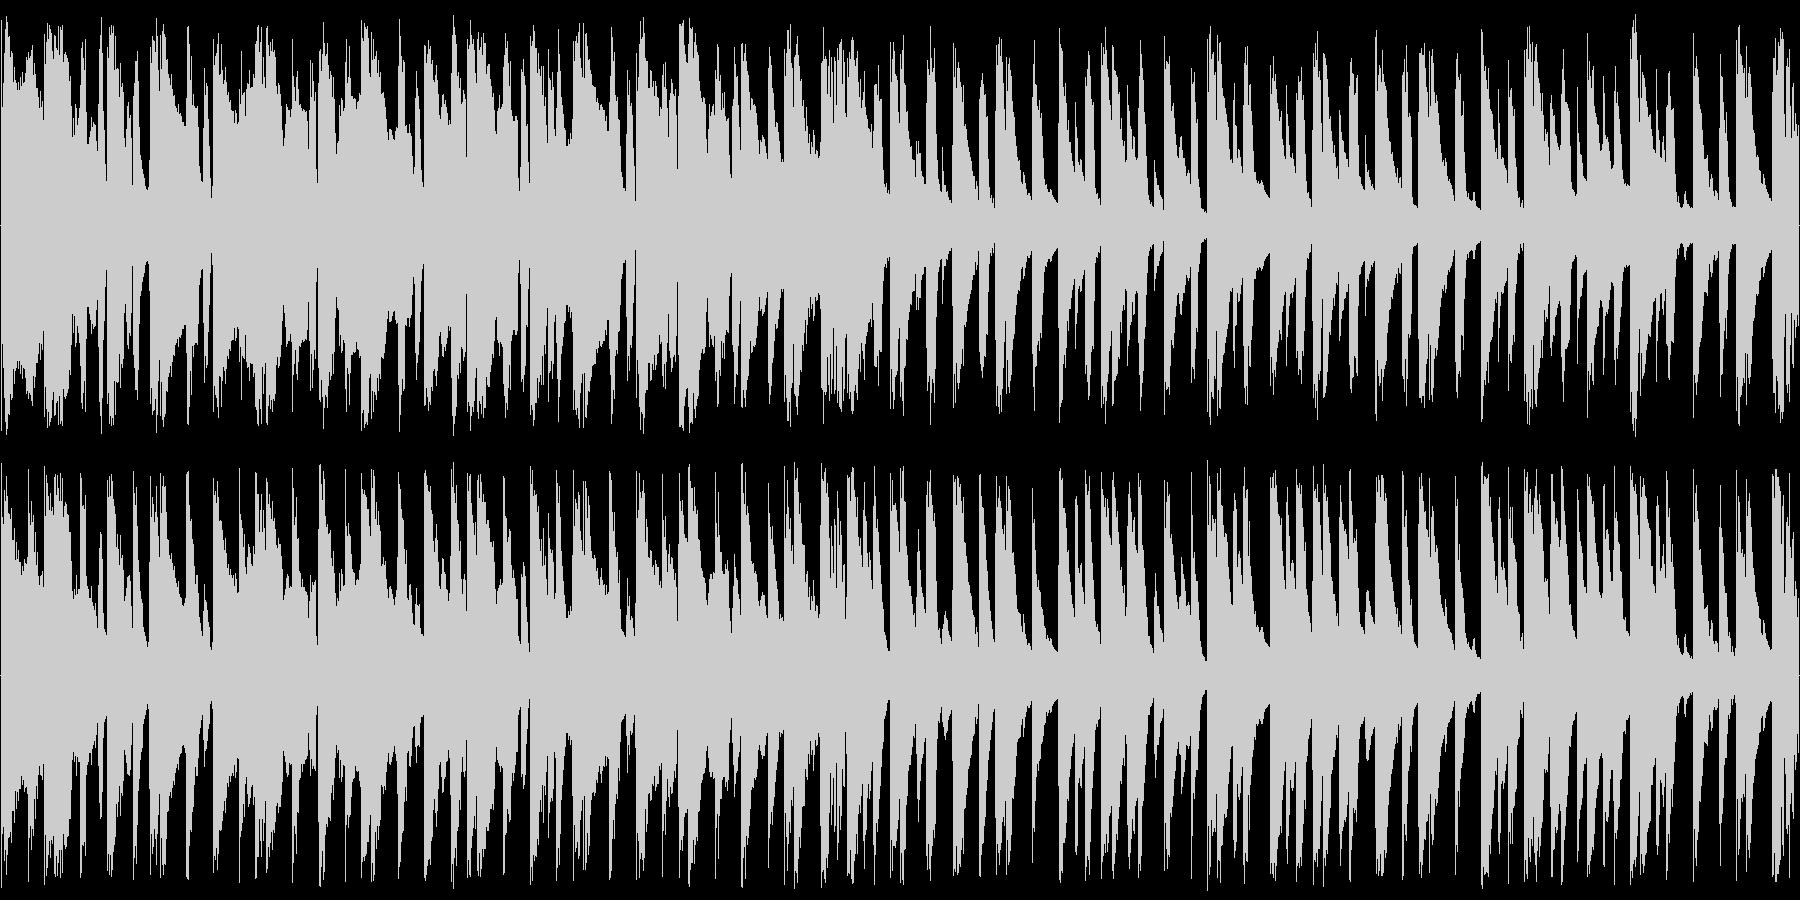 ほのぼのとした田舎の日常系BGMの未再生の波形